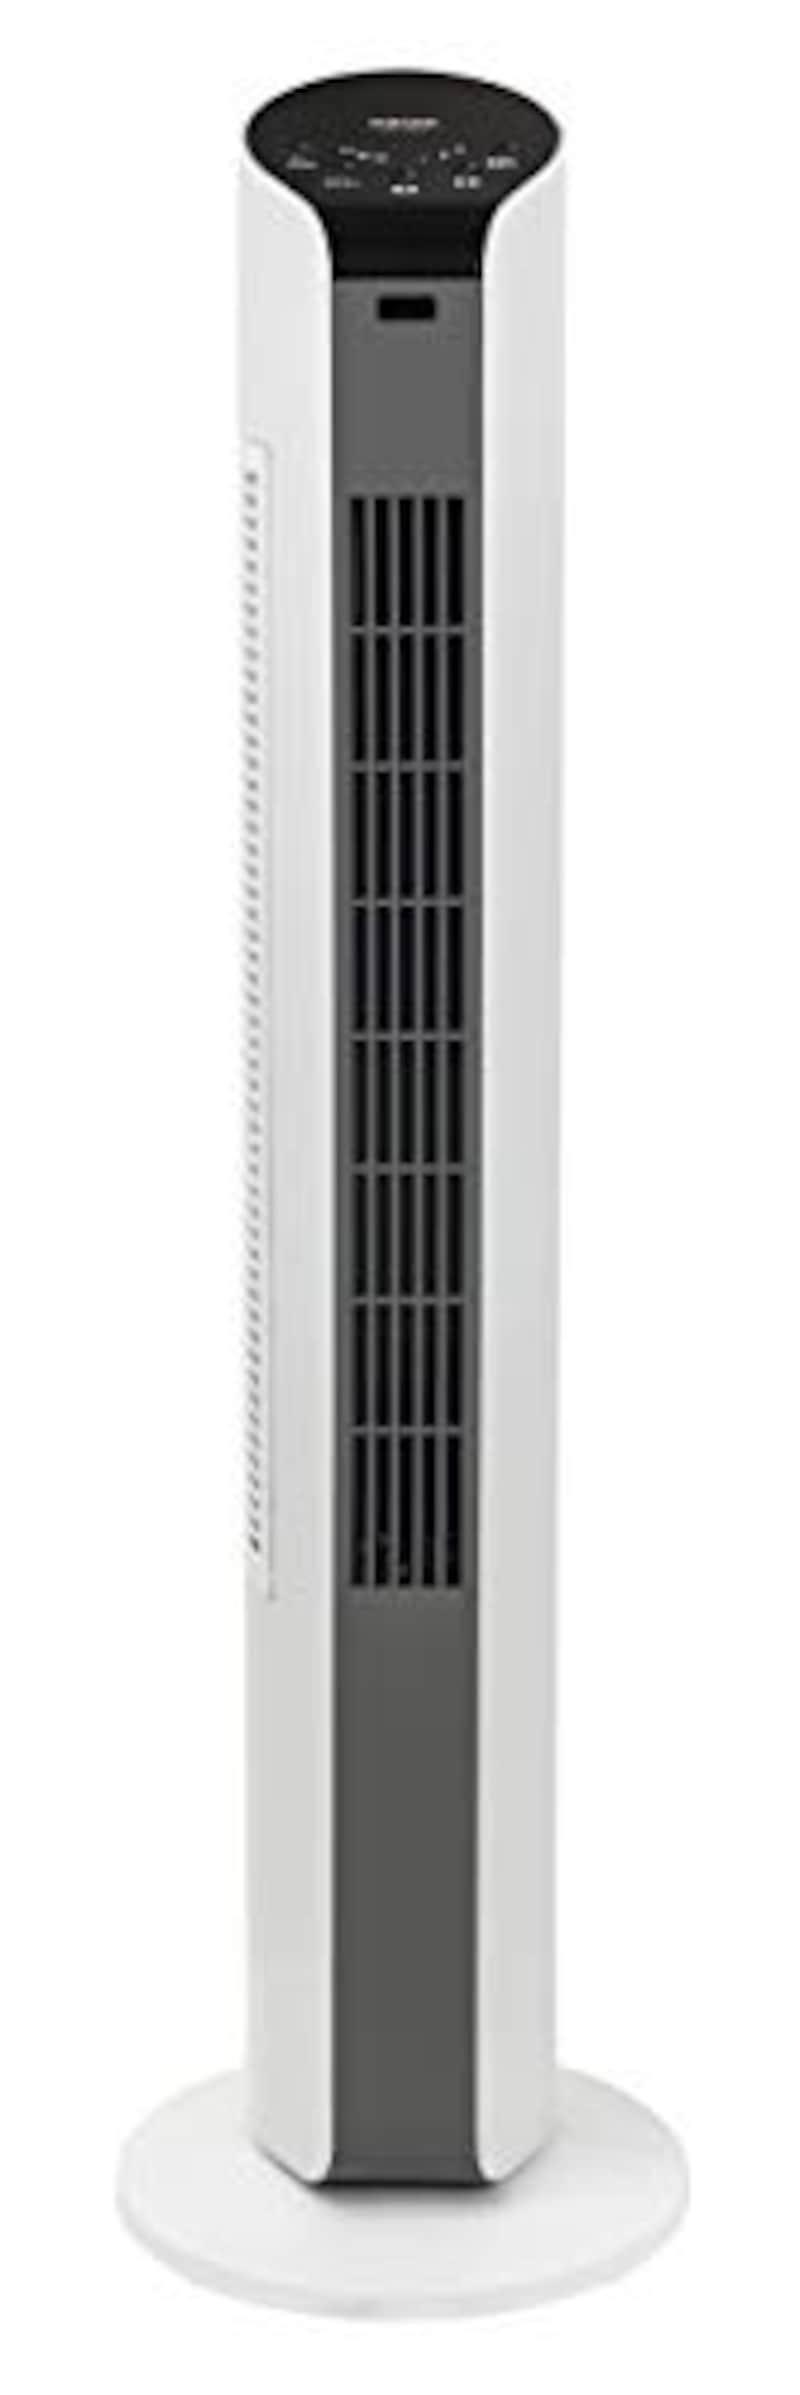 山善(YAMAZEN),扇風機 スリムファン,YSR-T802(WH)